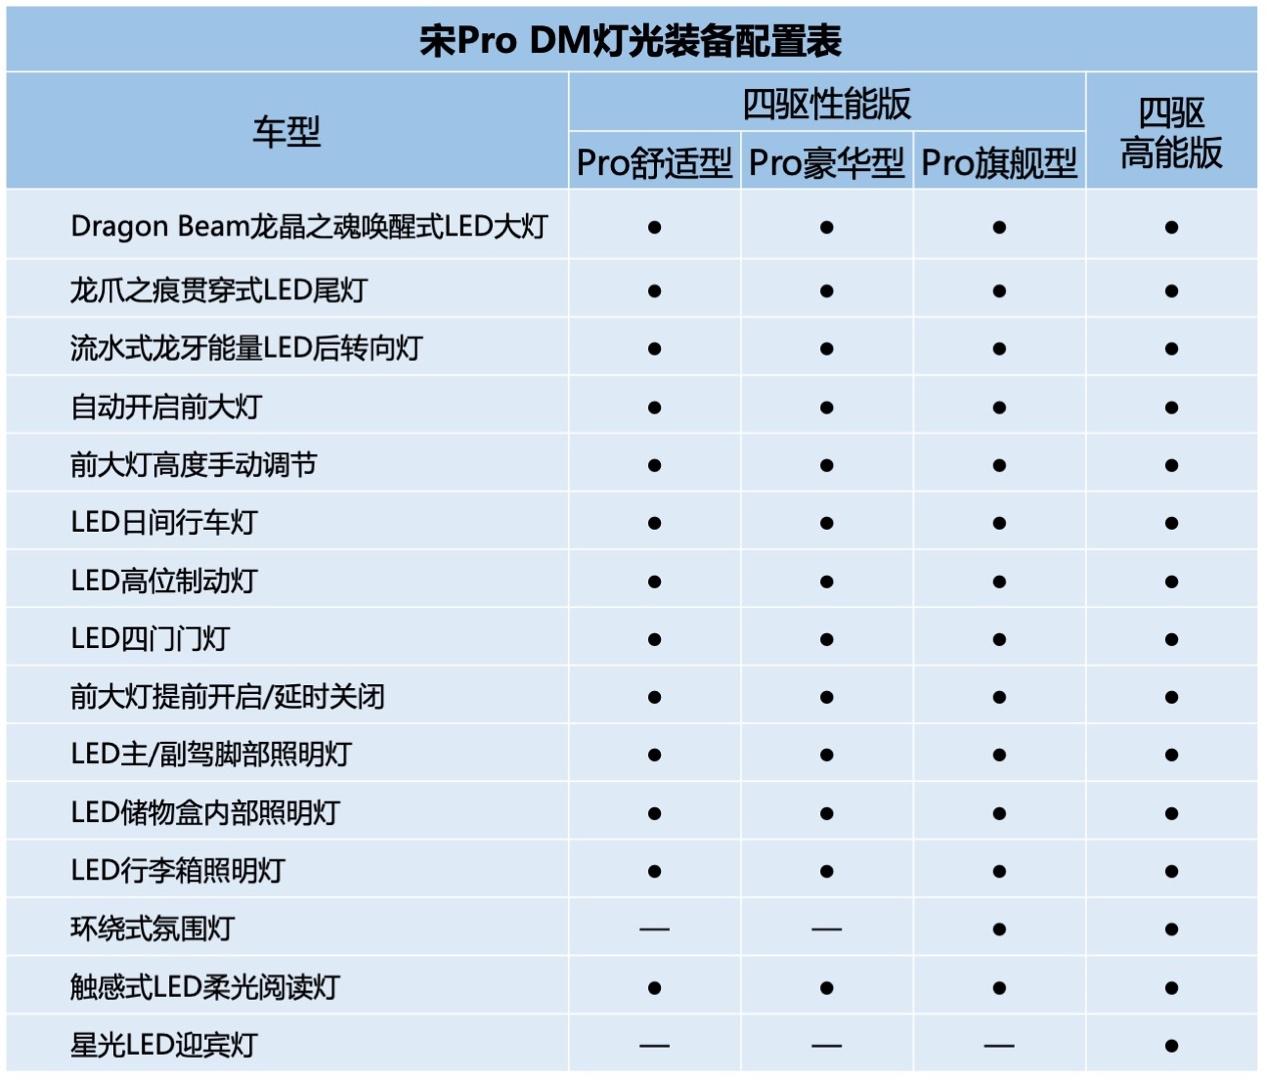 7月11日上市 比亚迪宋Pro DM详细配置曝光